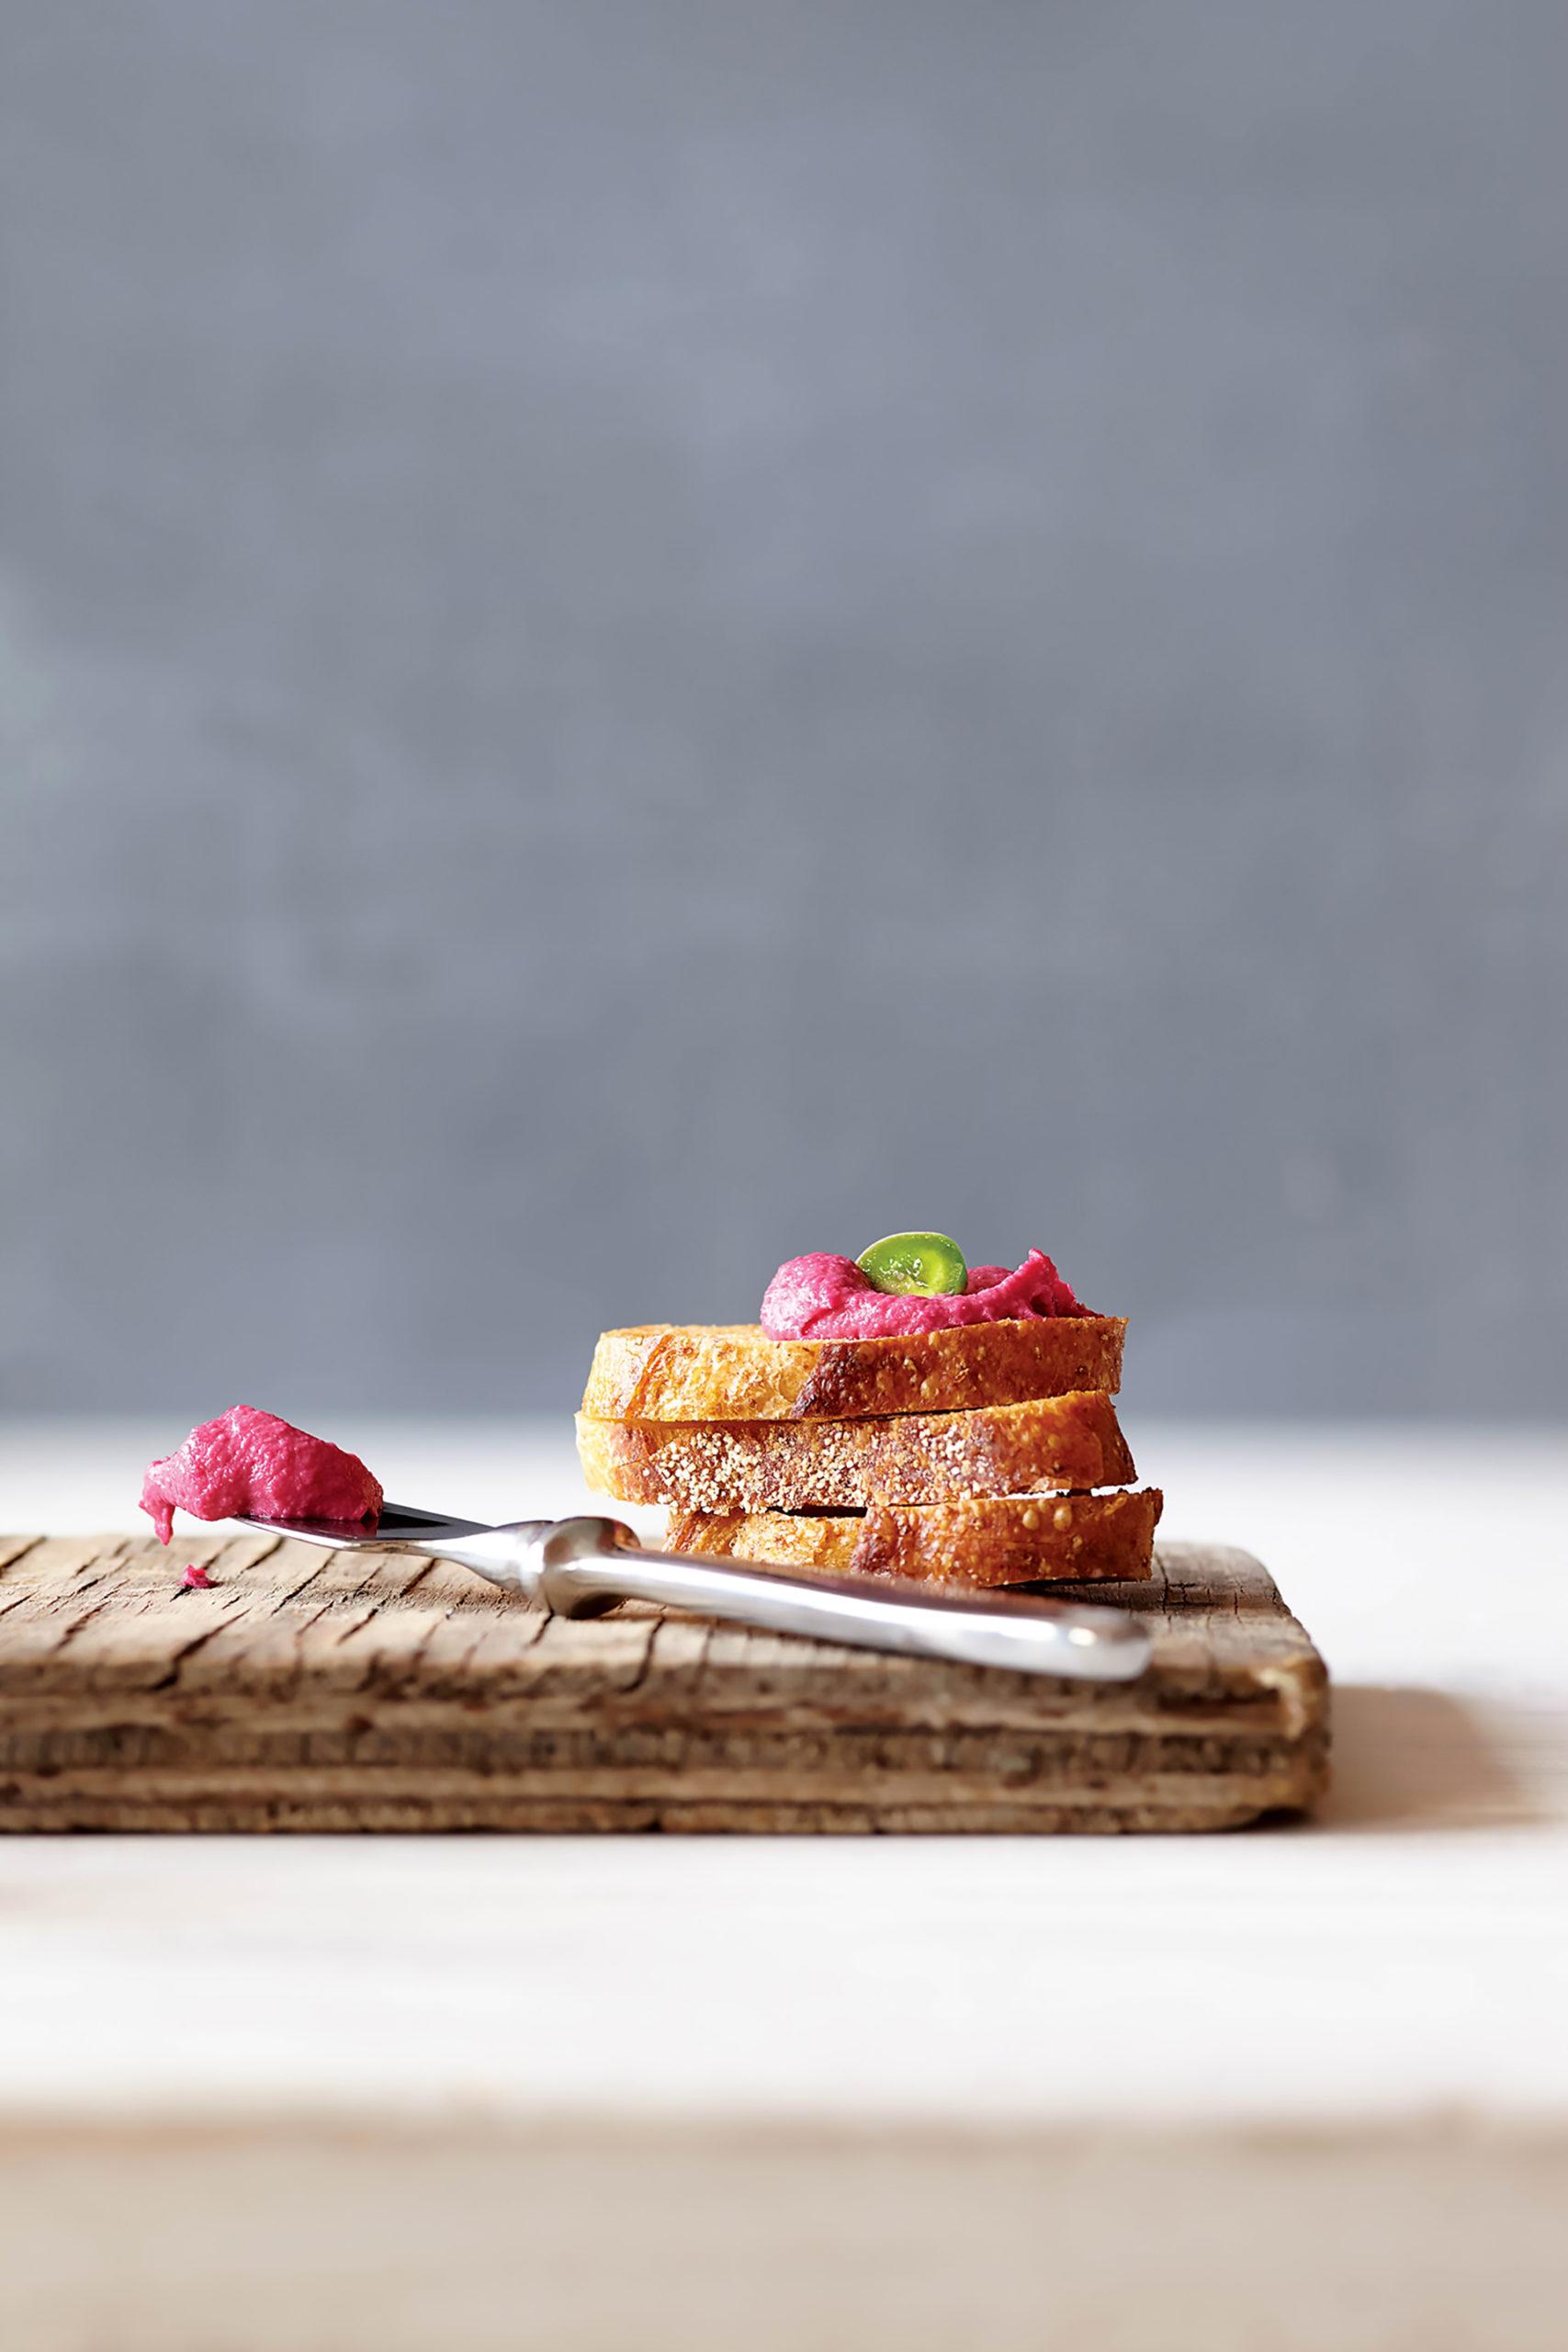 Schmeckt auf frisch gebackenem Brot besonders gut: Süß-scharfer Rote-Bete-Aufstrich